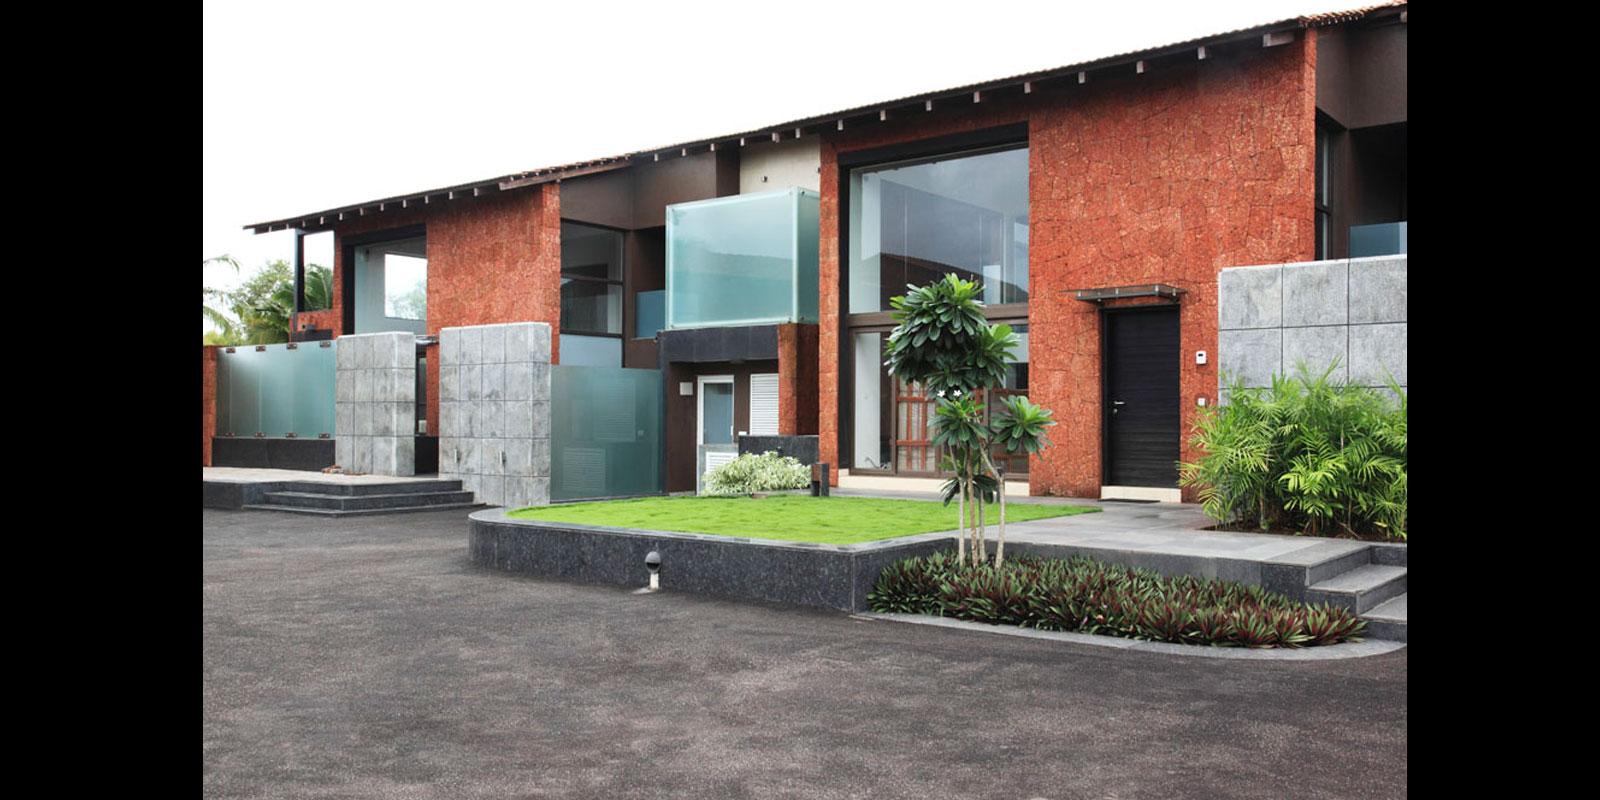 jpl india villas amp floor plans villa floor plans in india